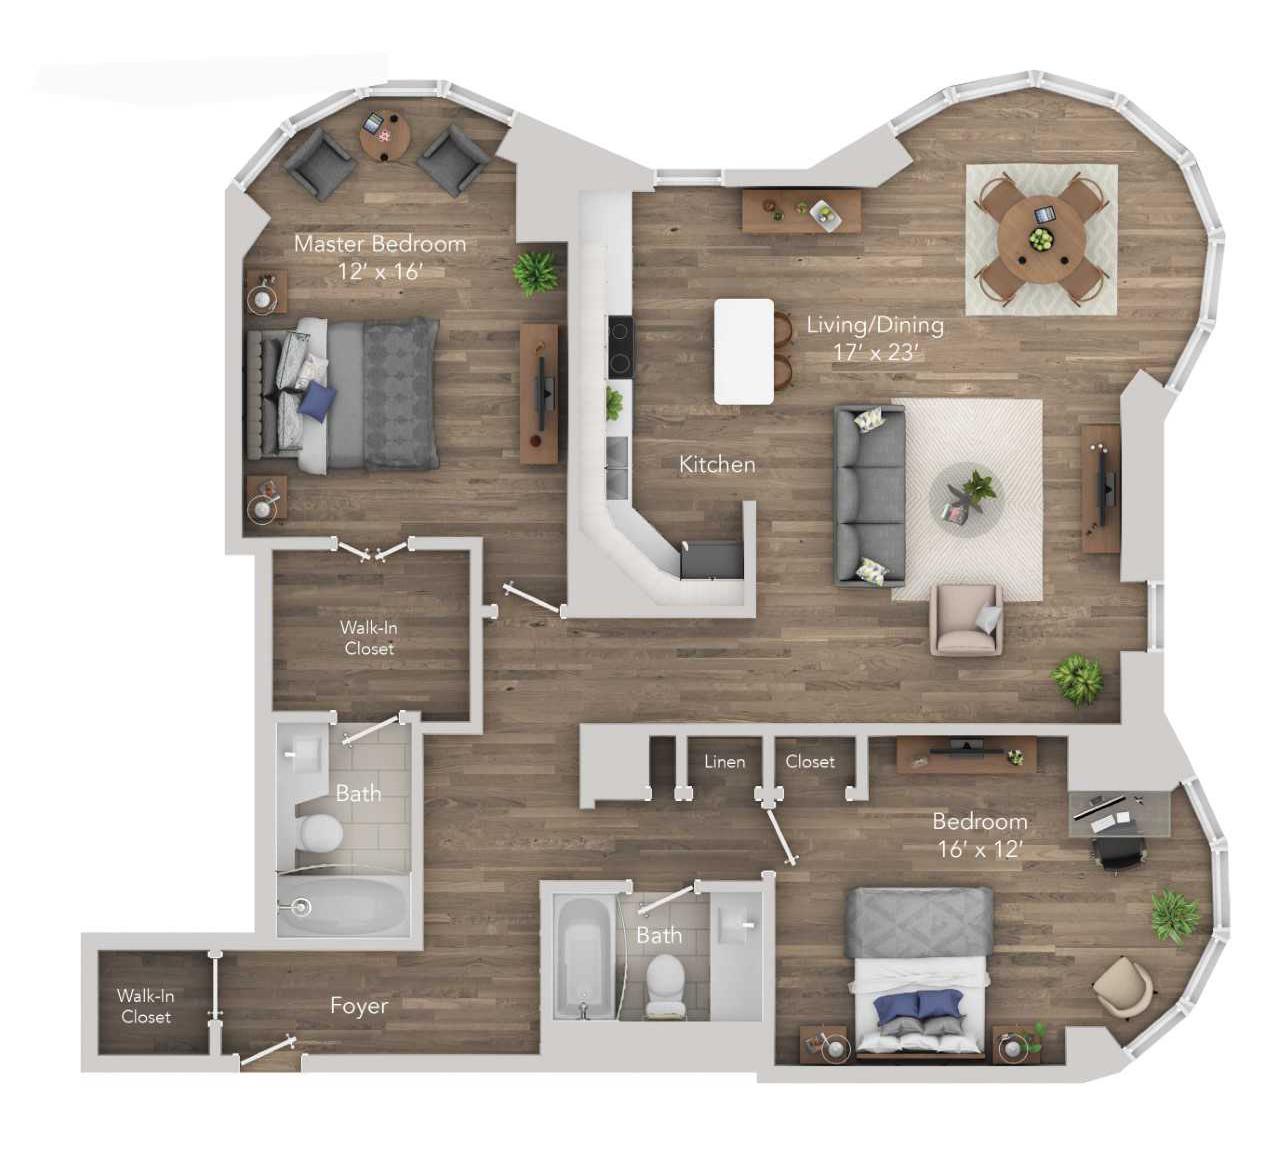 2 BR 2 BA Apartment